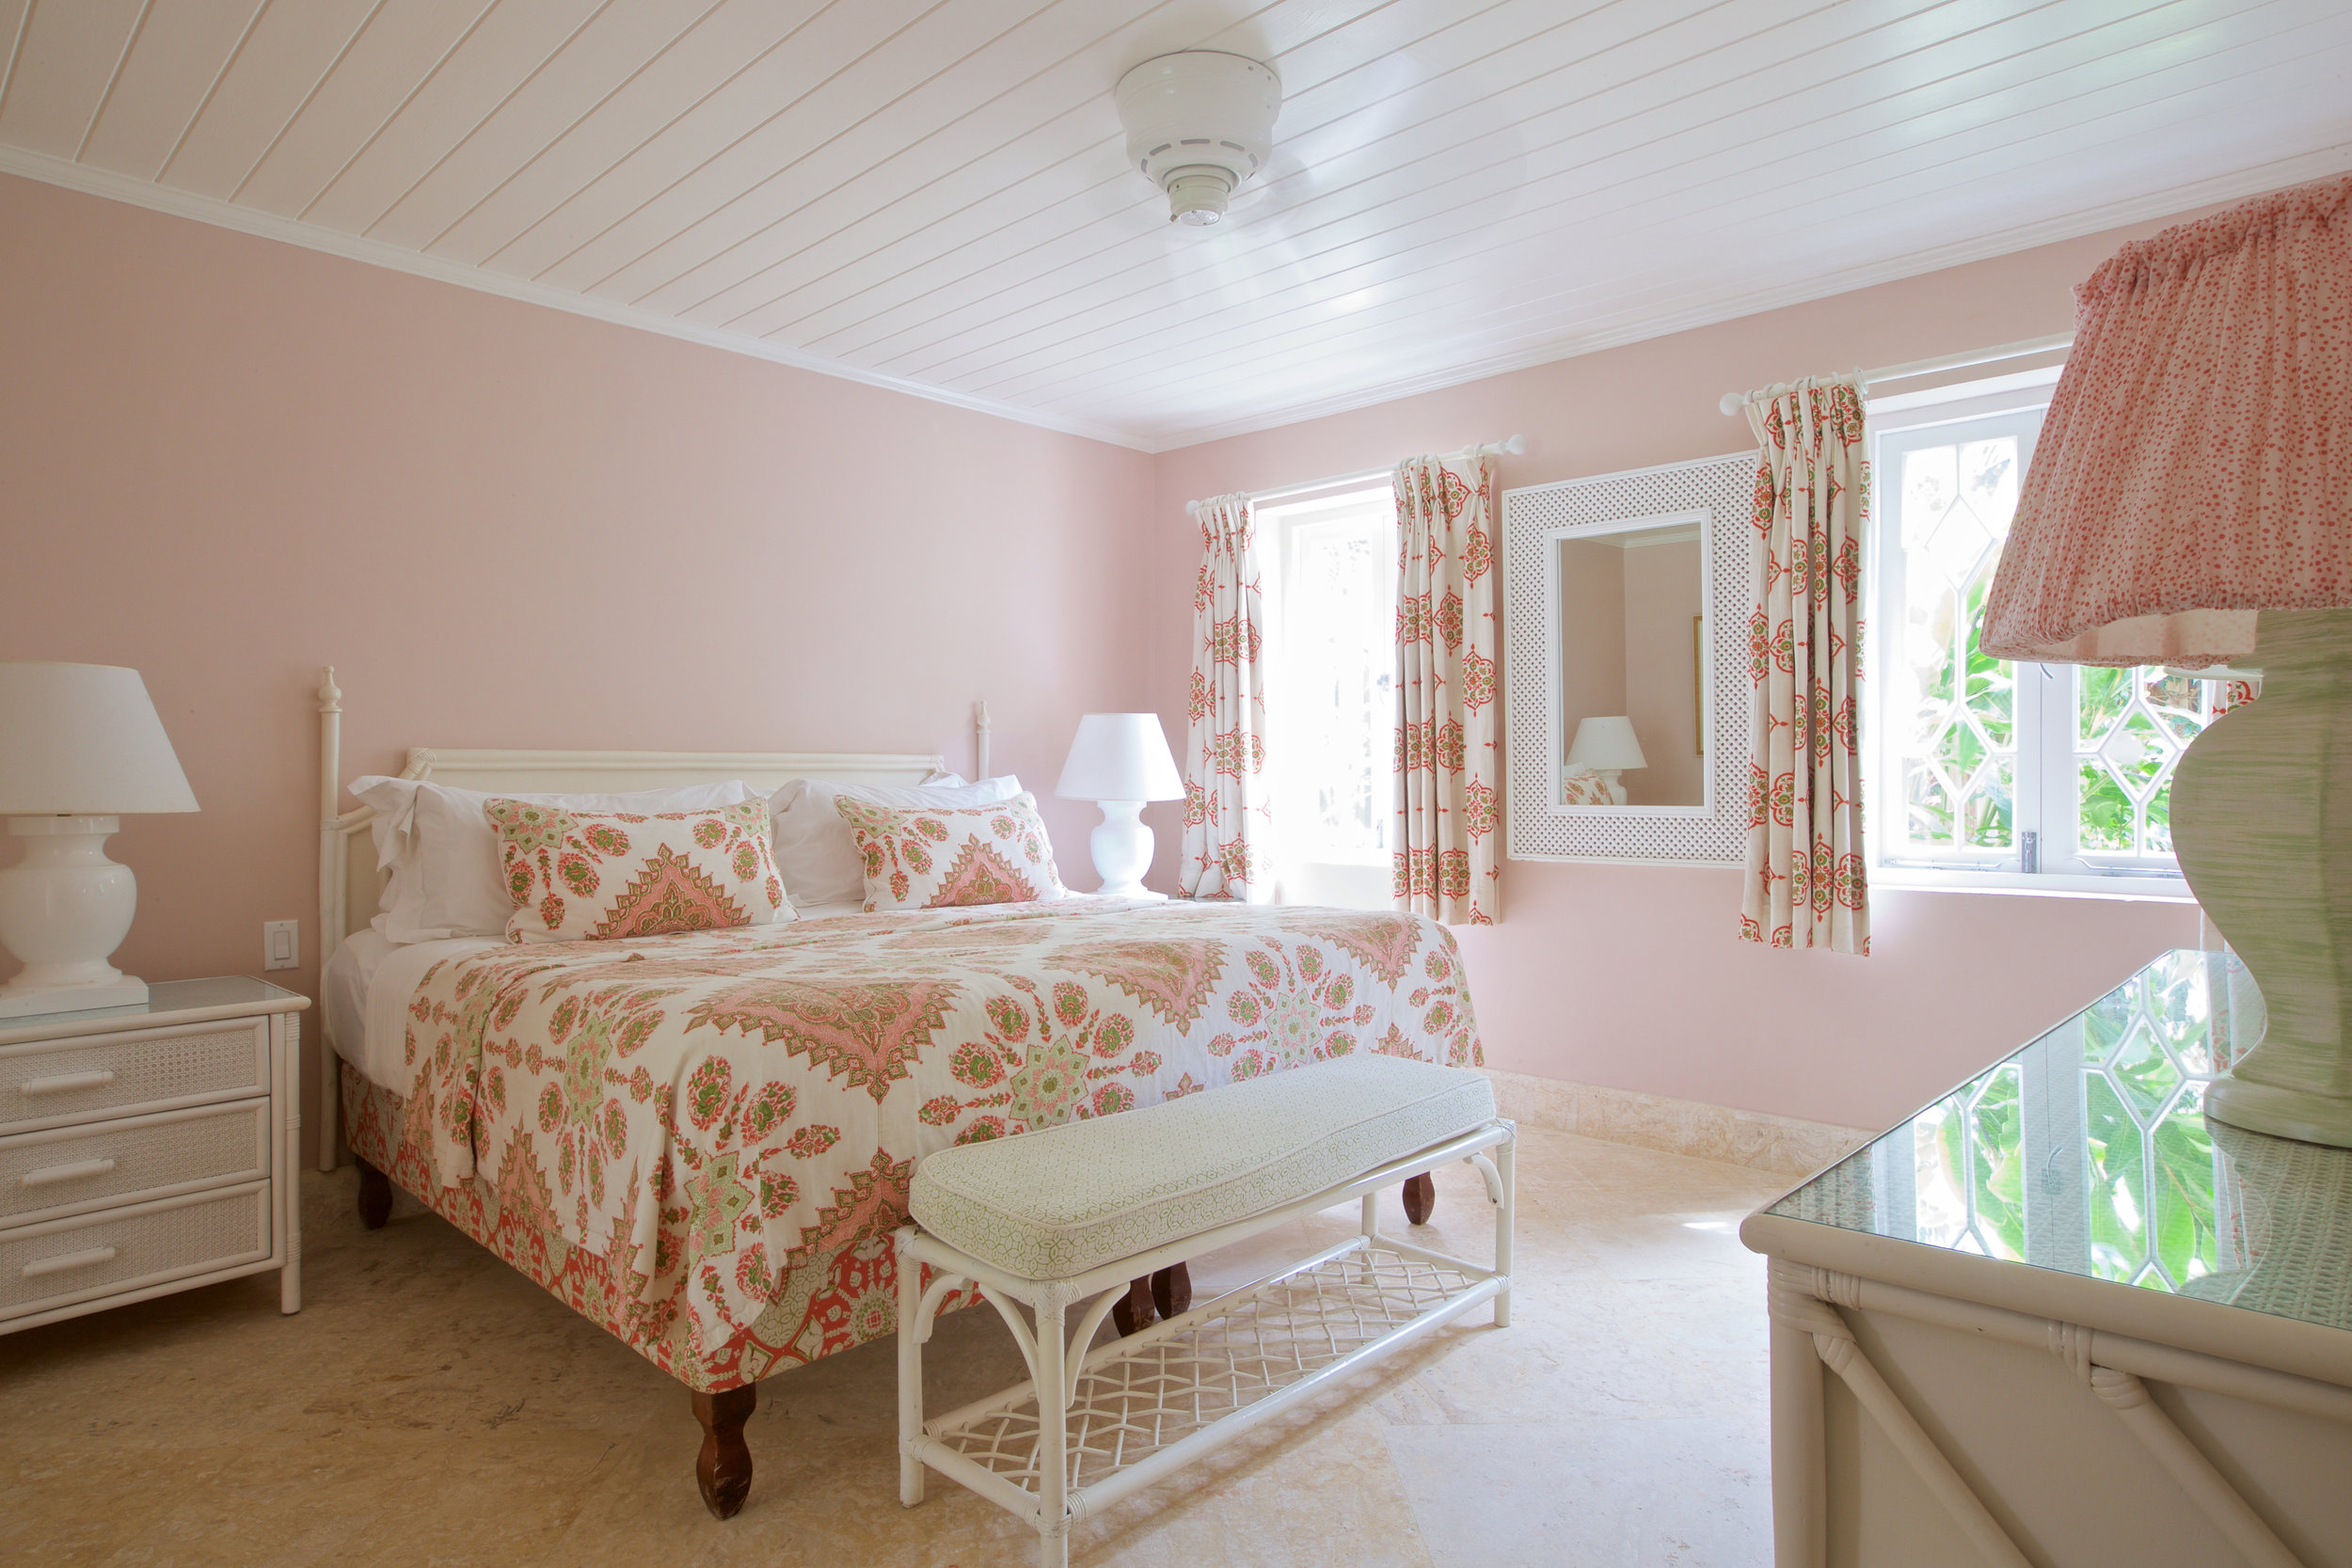 COBBLERS COVE GARDEN VIEW BEDROOM (2).jpg